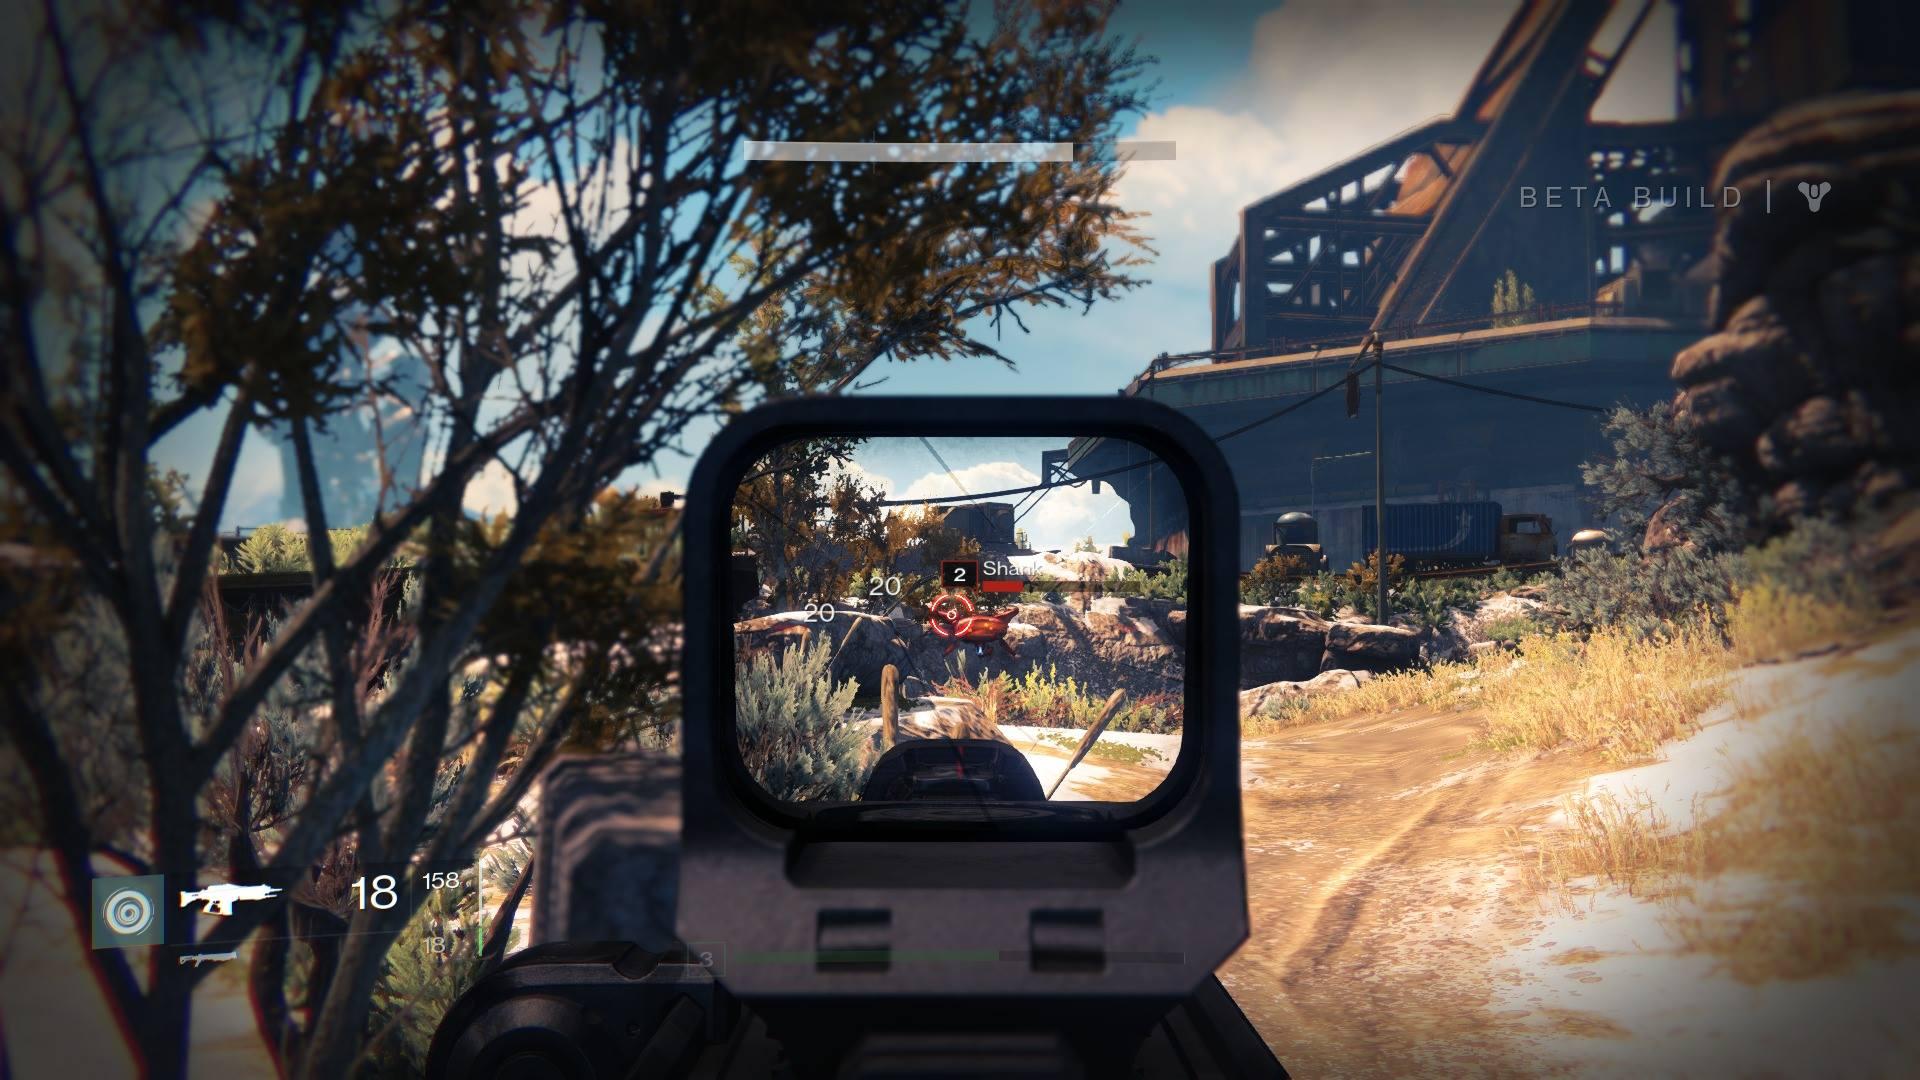 Help Me Decide: Destiny, Should I Buy It? (19)